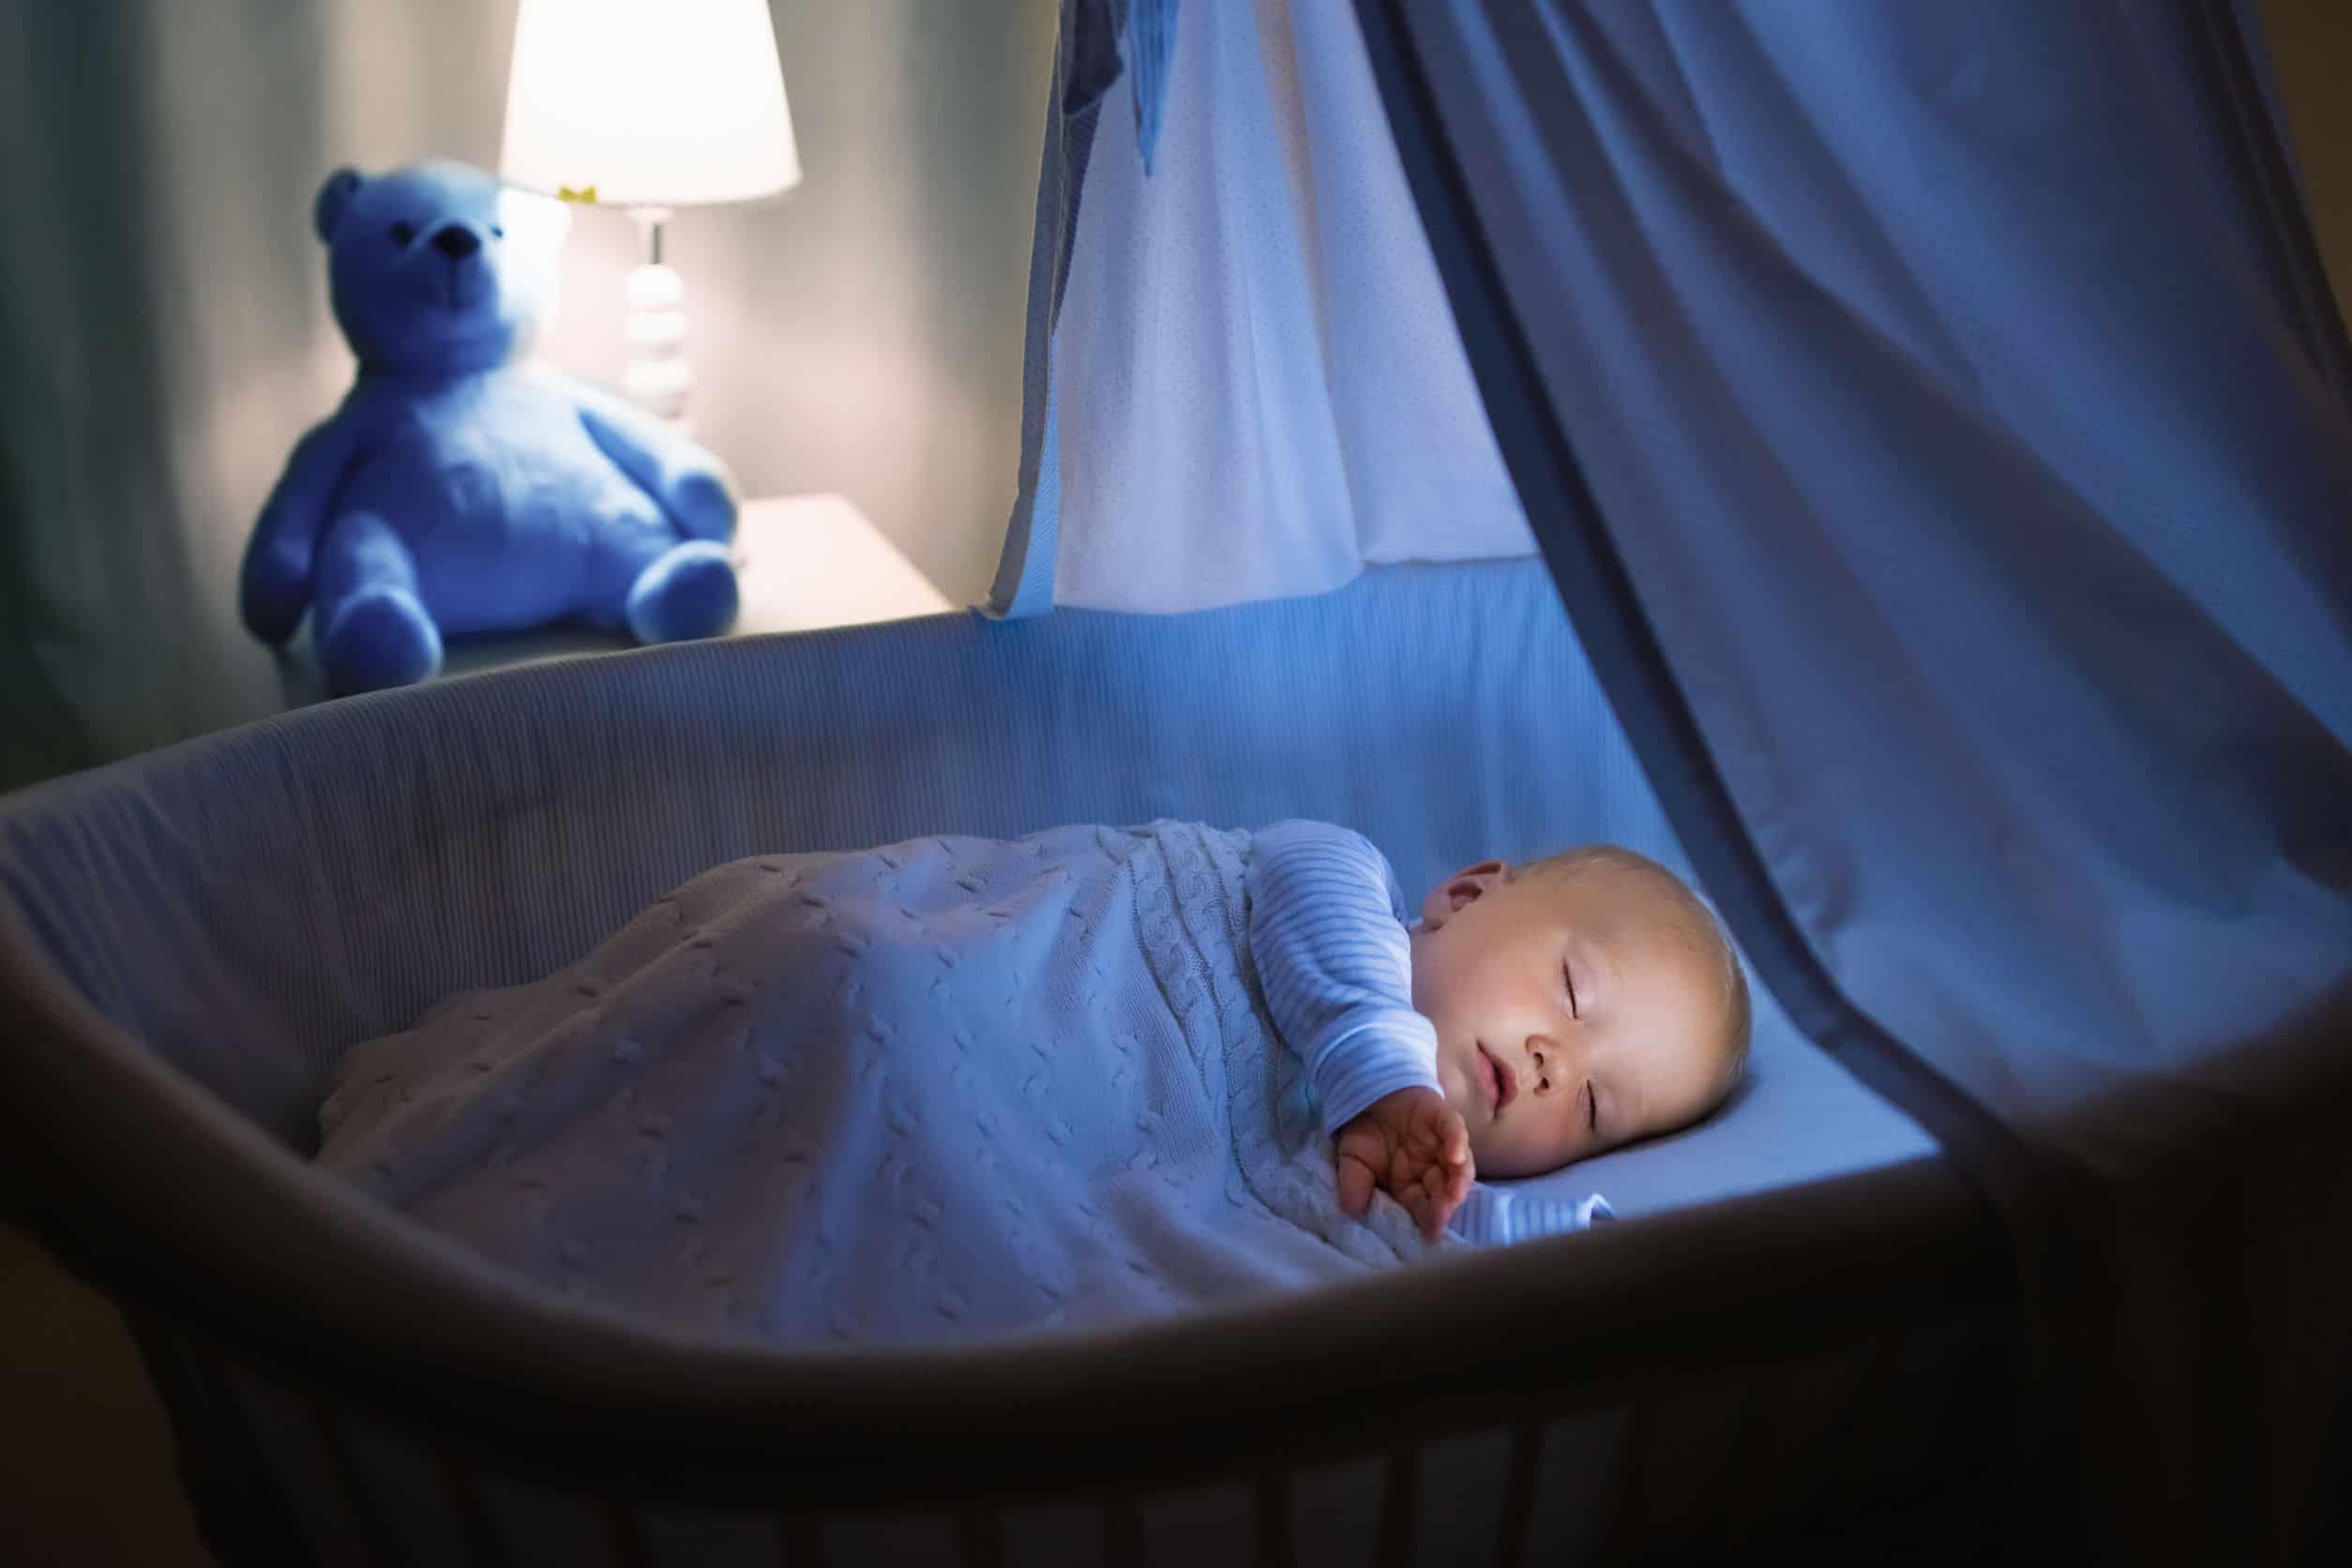 Na foto um bebê dormindo em um berço.